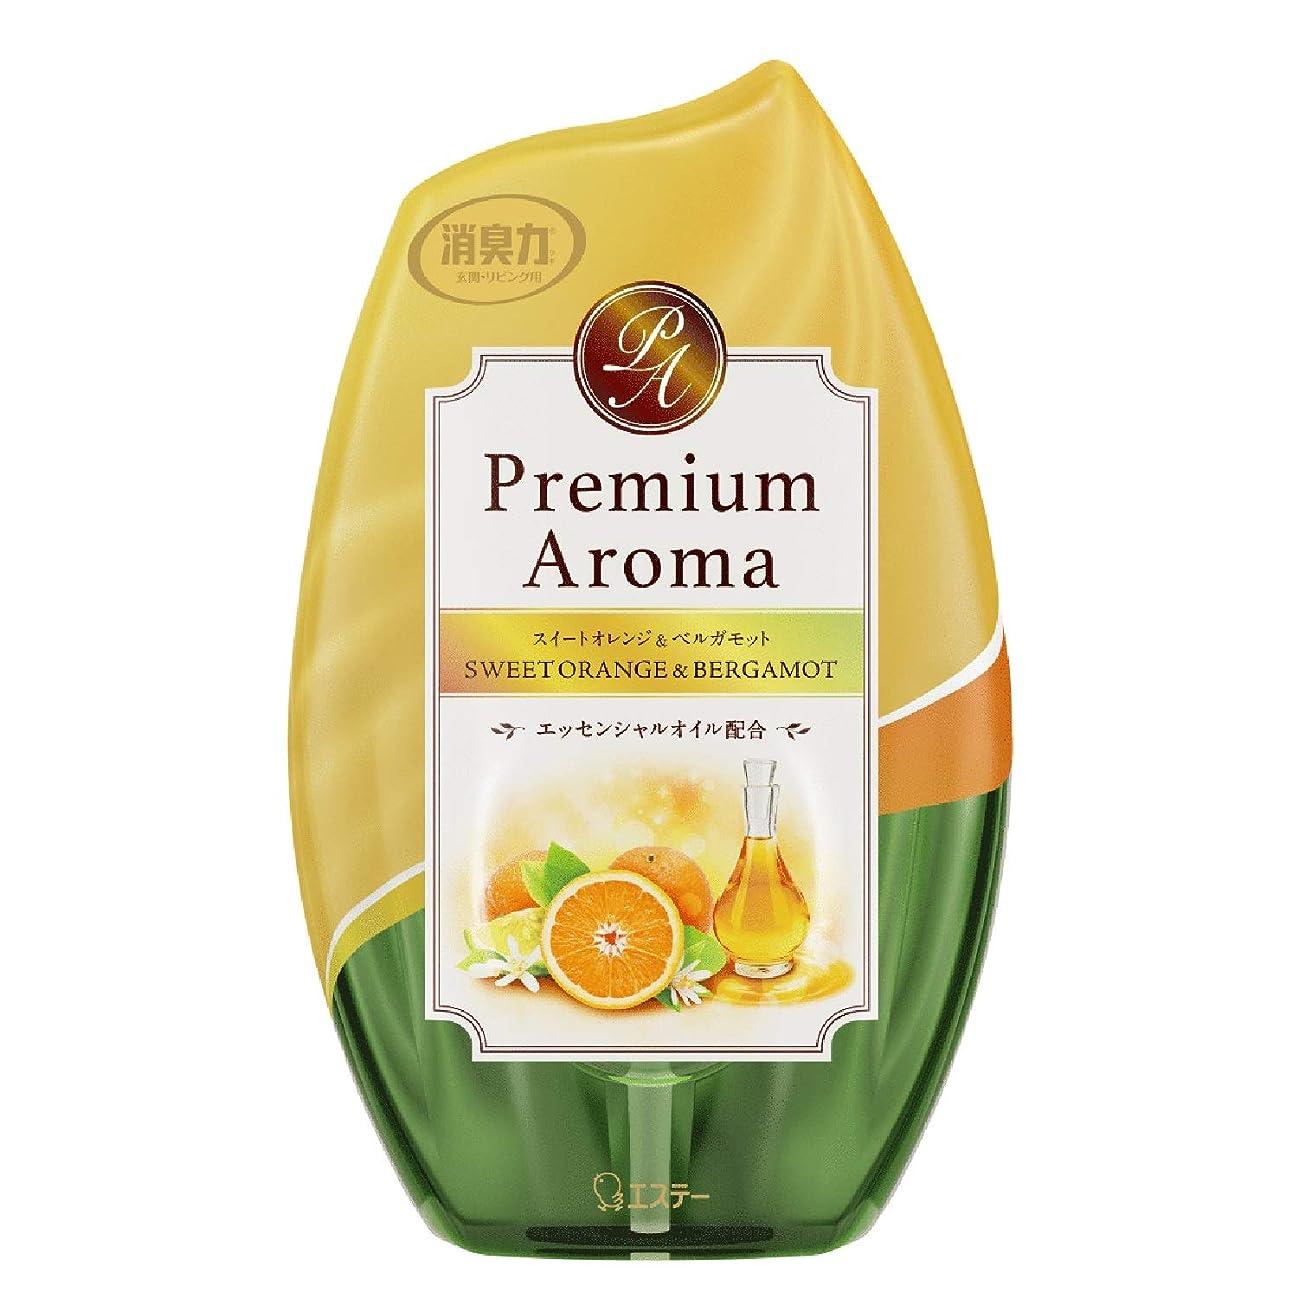 預言者黒大量お部屋の消臭力 プレミアムアロマ Premium Aroma 消臭芳香剤 部屋用 部屋 スイートオレンジ&ベルガモットの香り 400ml